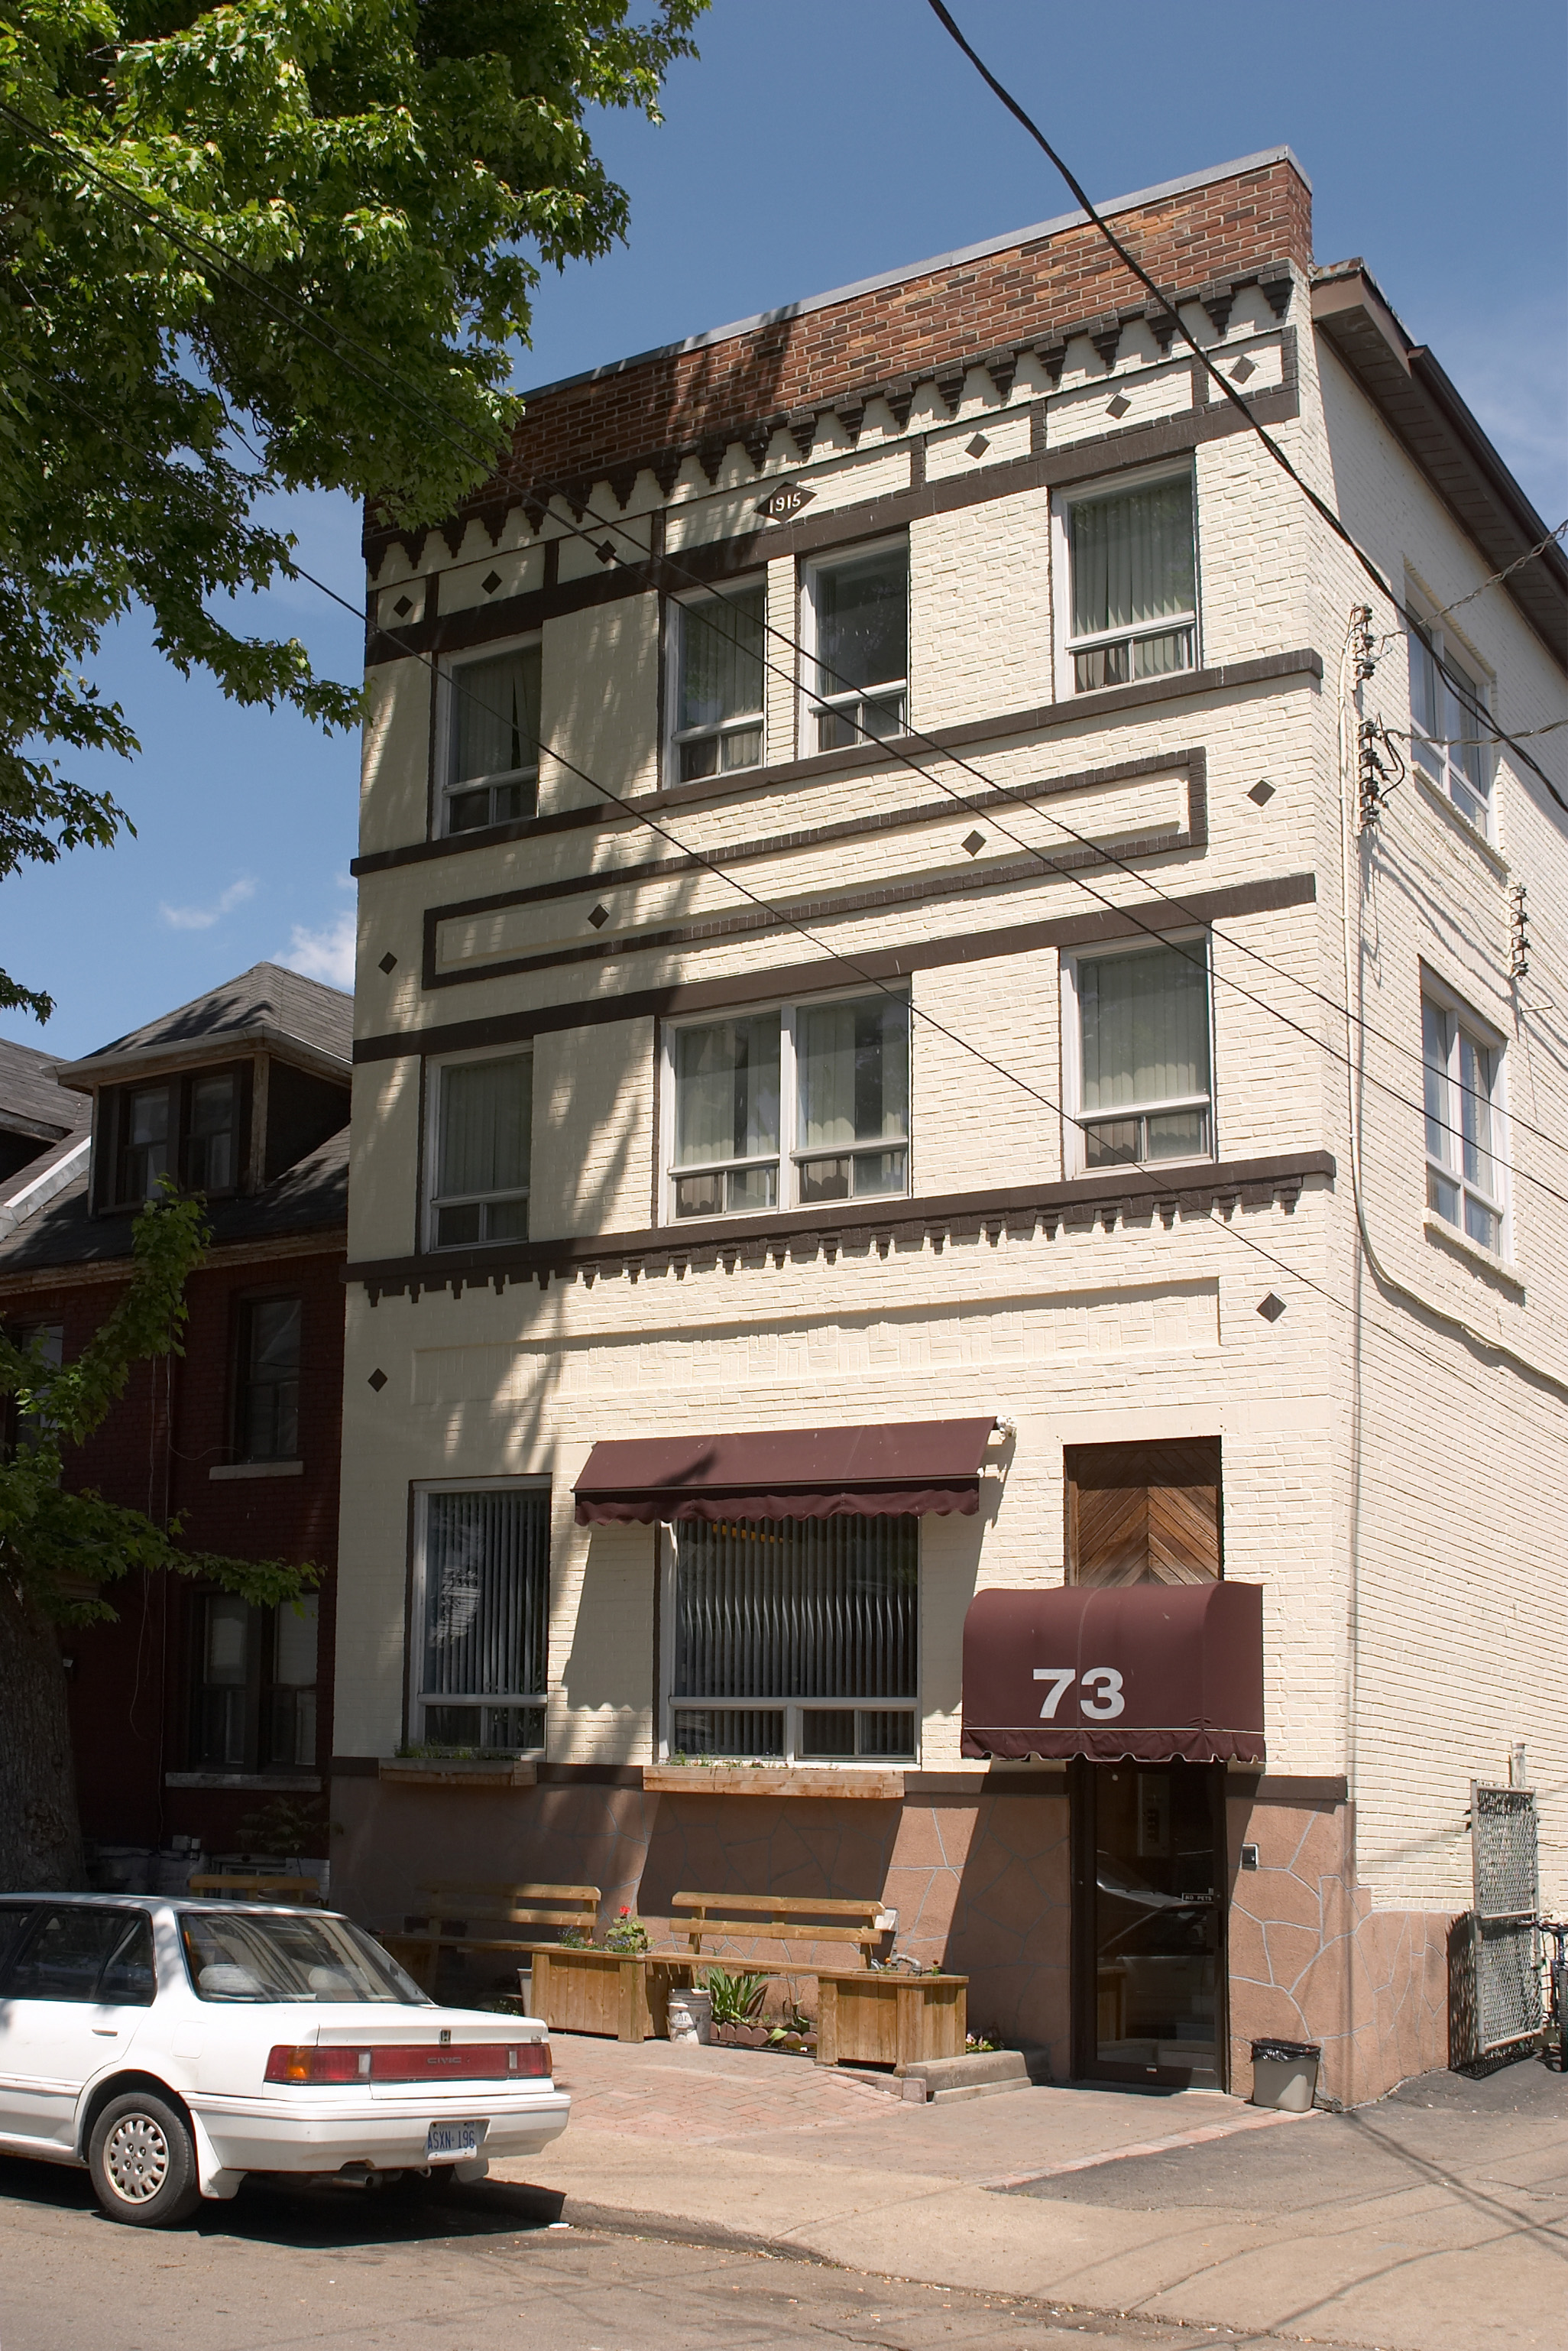 Robert Street Residence